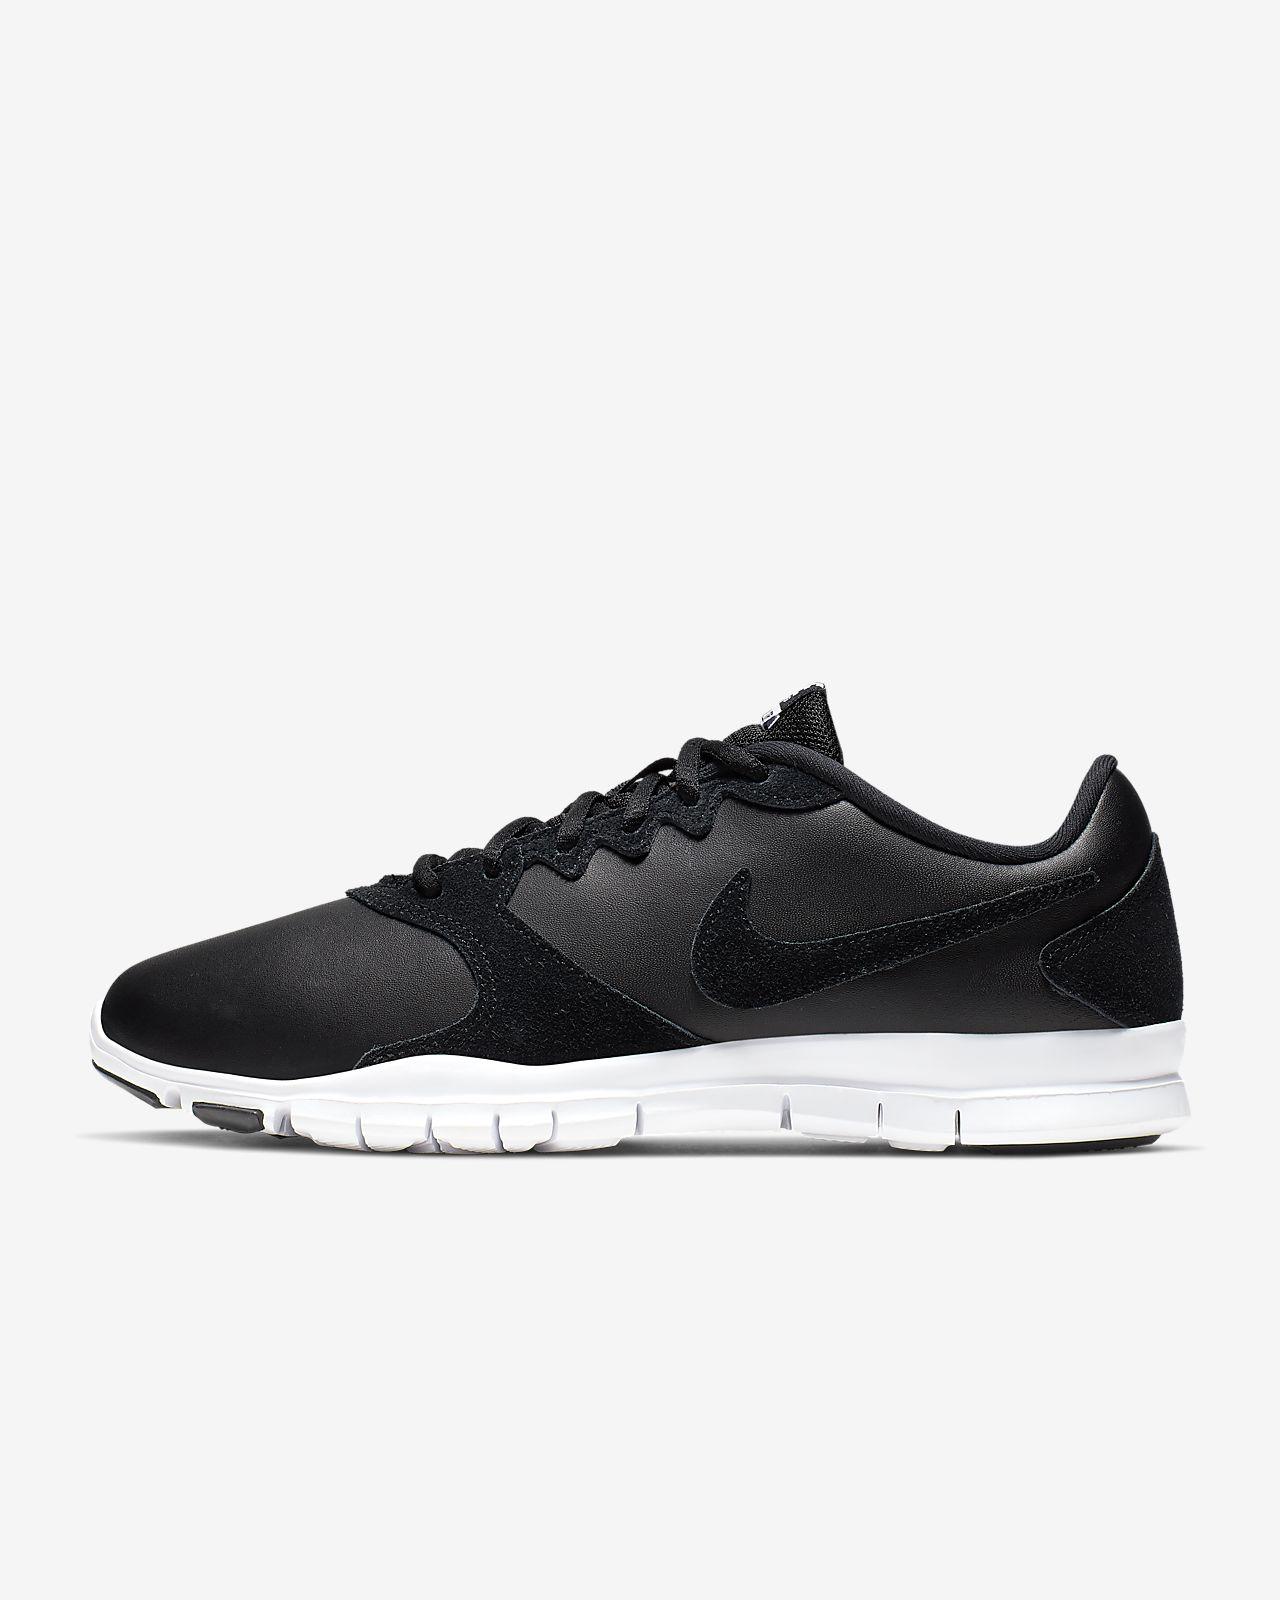 Flex Nike Schuhe Nike Schuhe Damen Training Damen Training